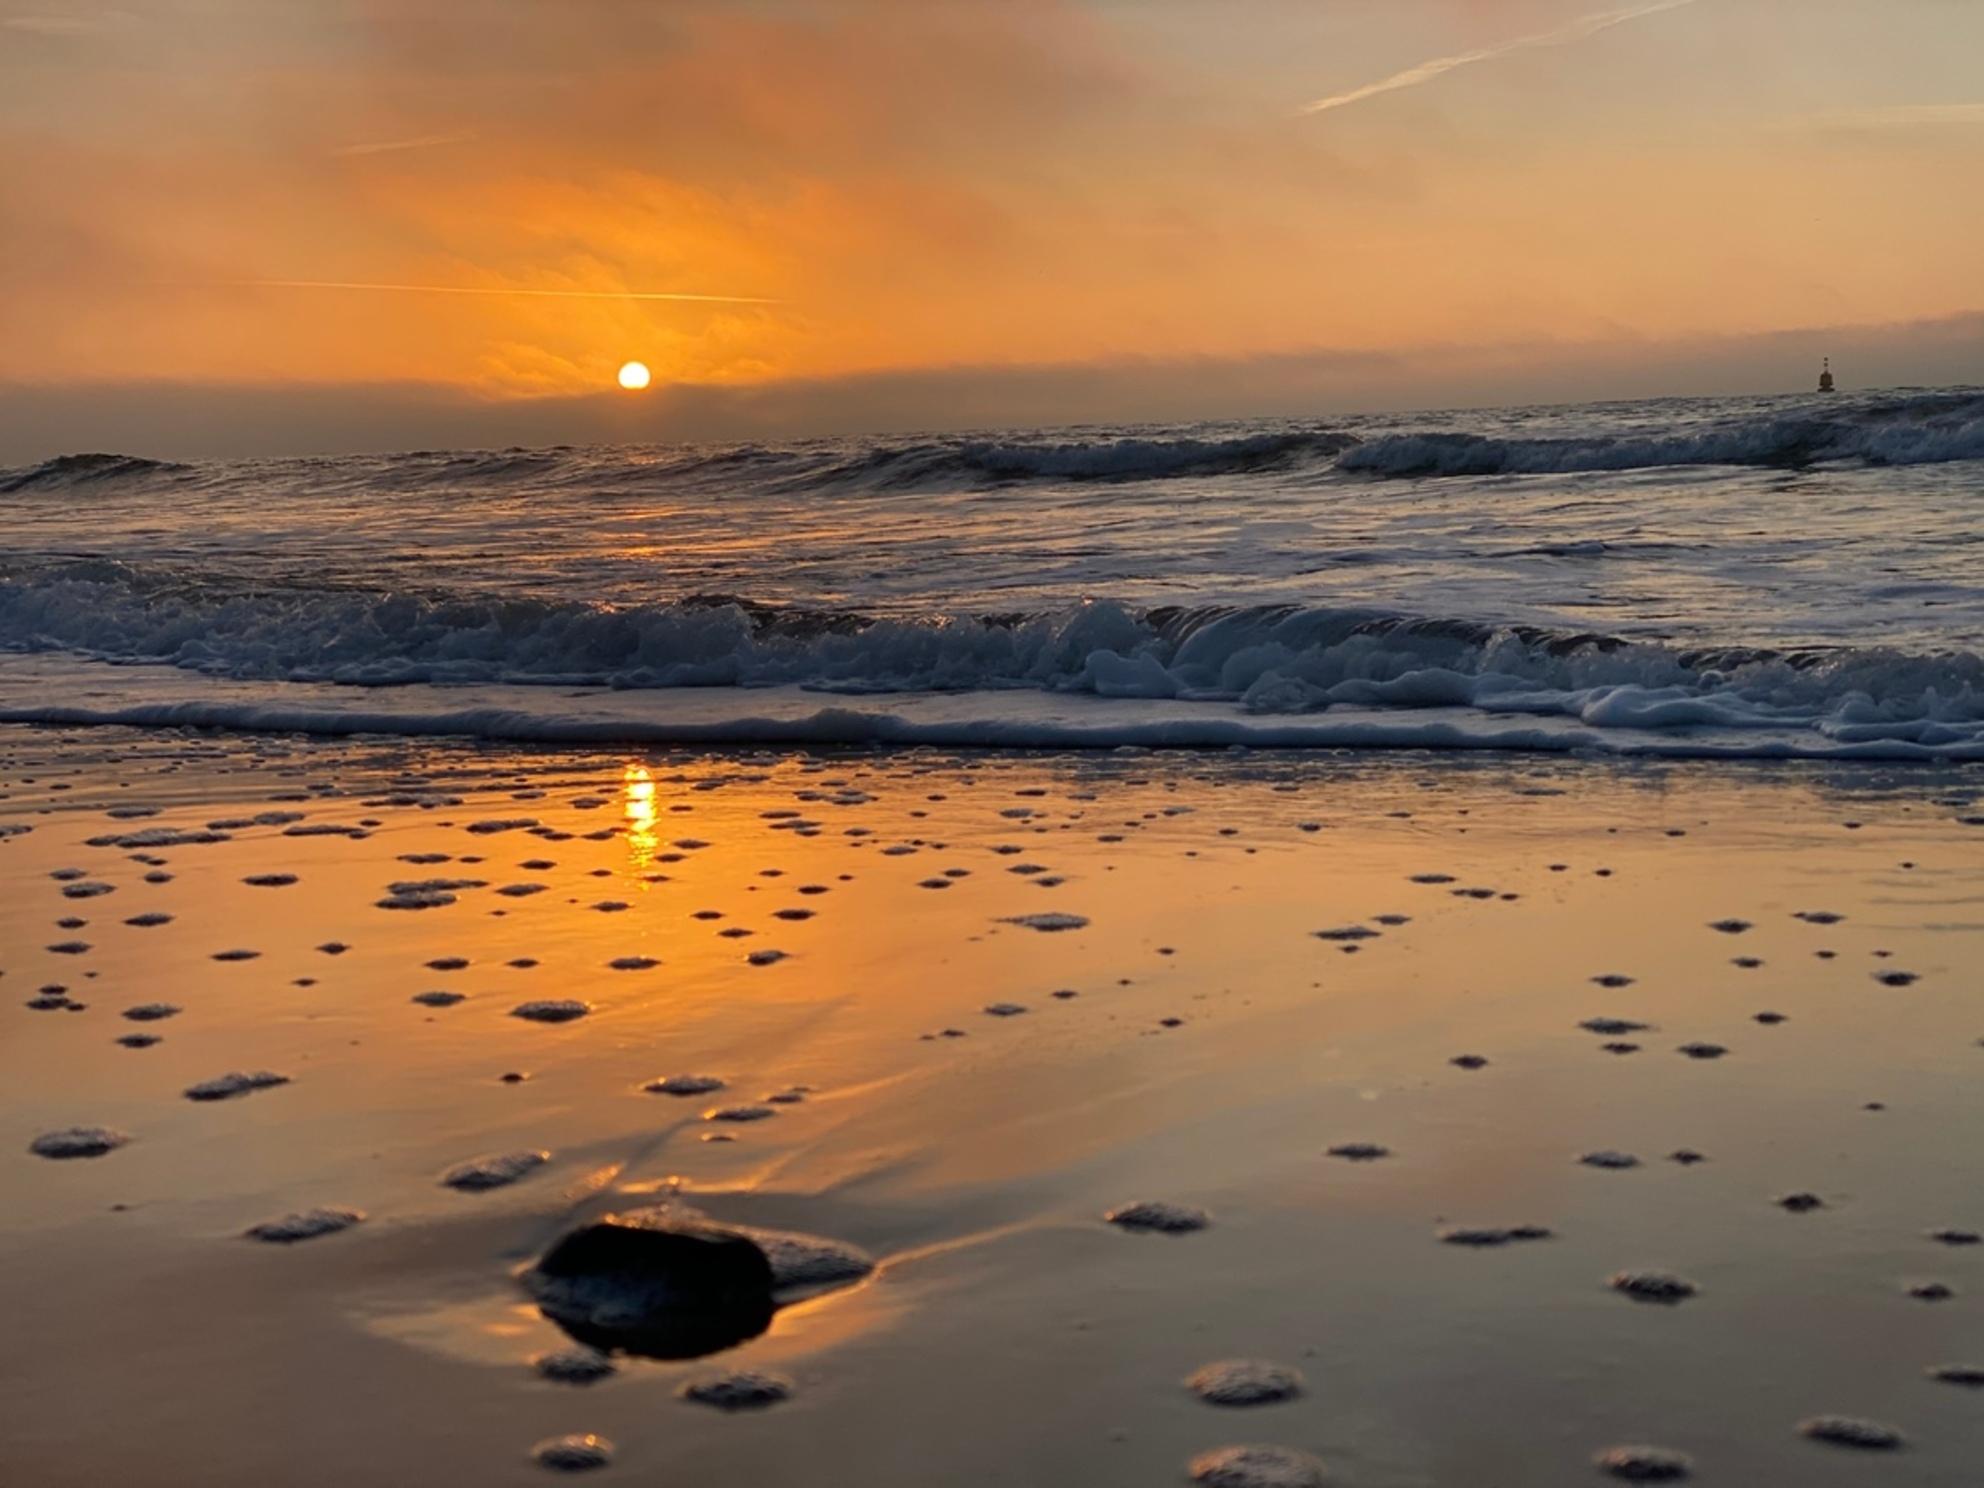 Sahara sunset - Jaaaaa wat een waanzinnige zonsondergang op het strand! Zeemist erbij, wat wil je nog meer? - foto door marieke-roseboom op 27-02-2021 - deze foto bevat: wolken, zon, zee, water, zonsondergang, duinen, zand - Deze foto mag gebruikt worden in een Zoom.nl publicatie